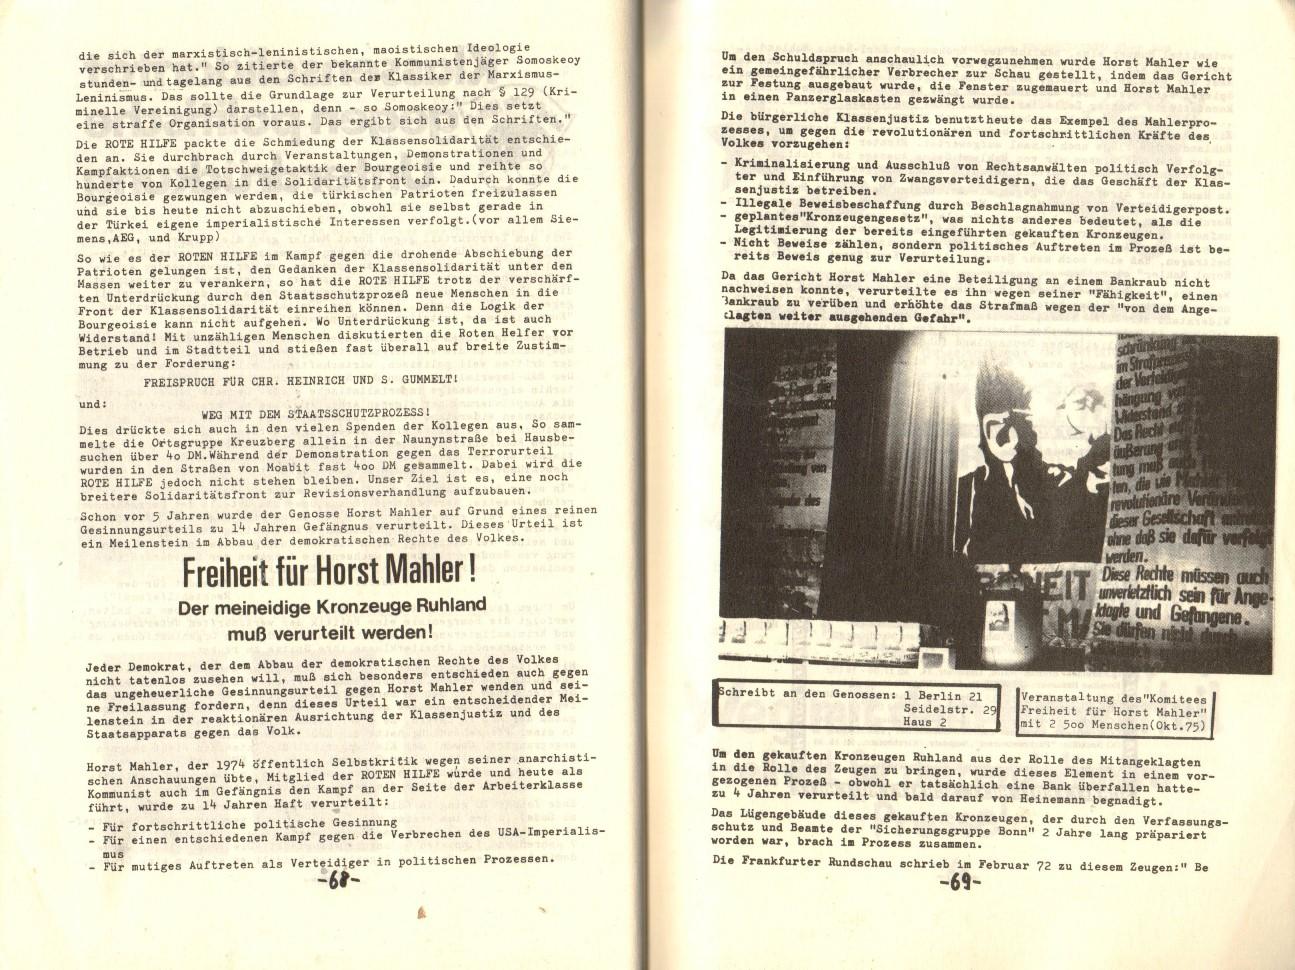 Berlin_KPD_1976_Staatsschutzprozess02_36